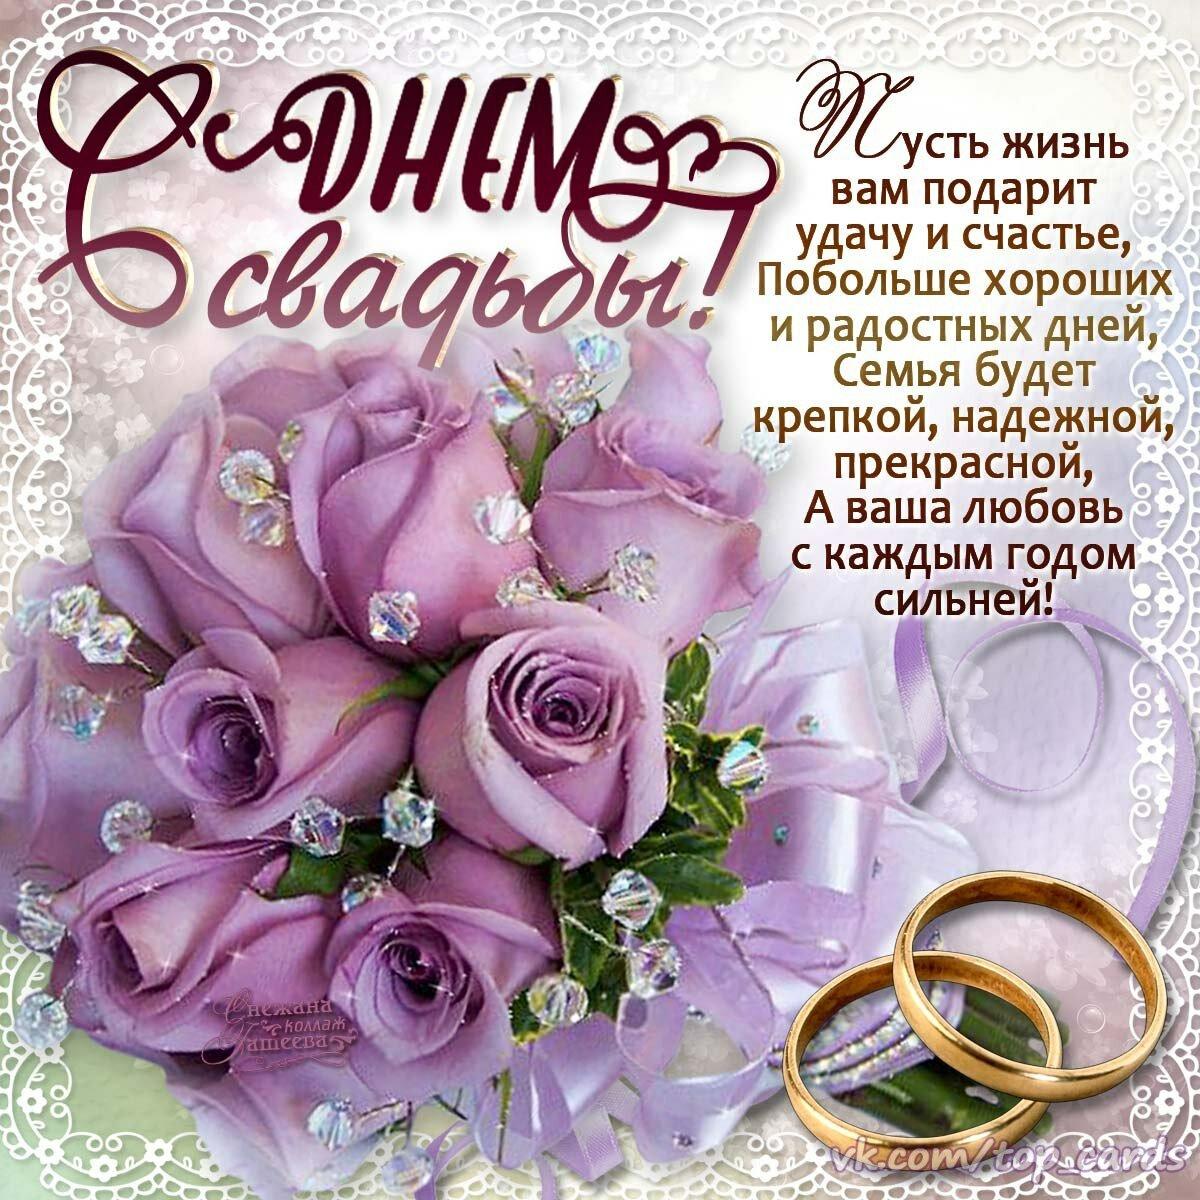 Со свадьбой поздравления картинки красивые